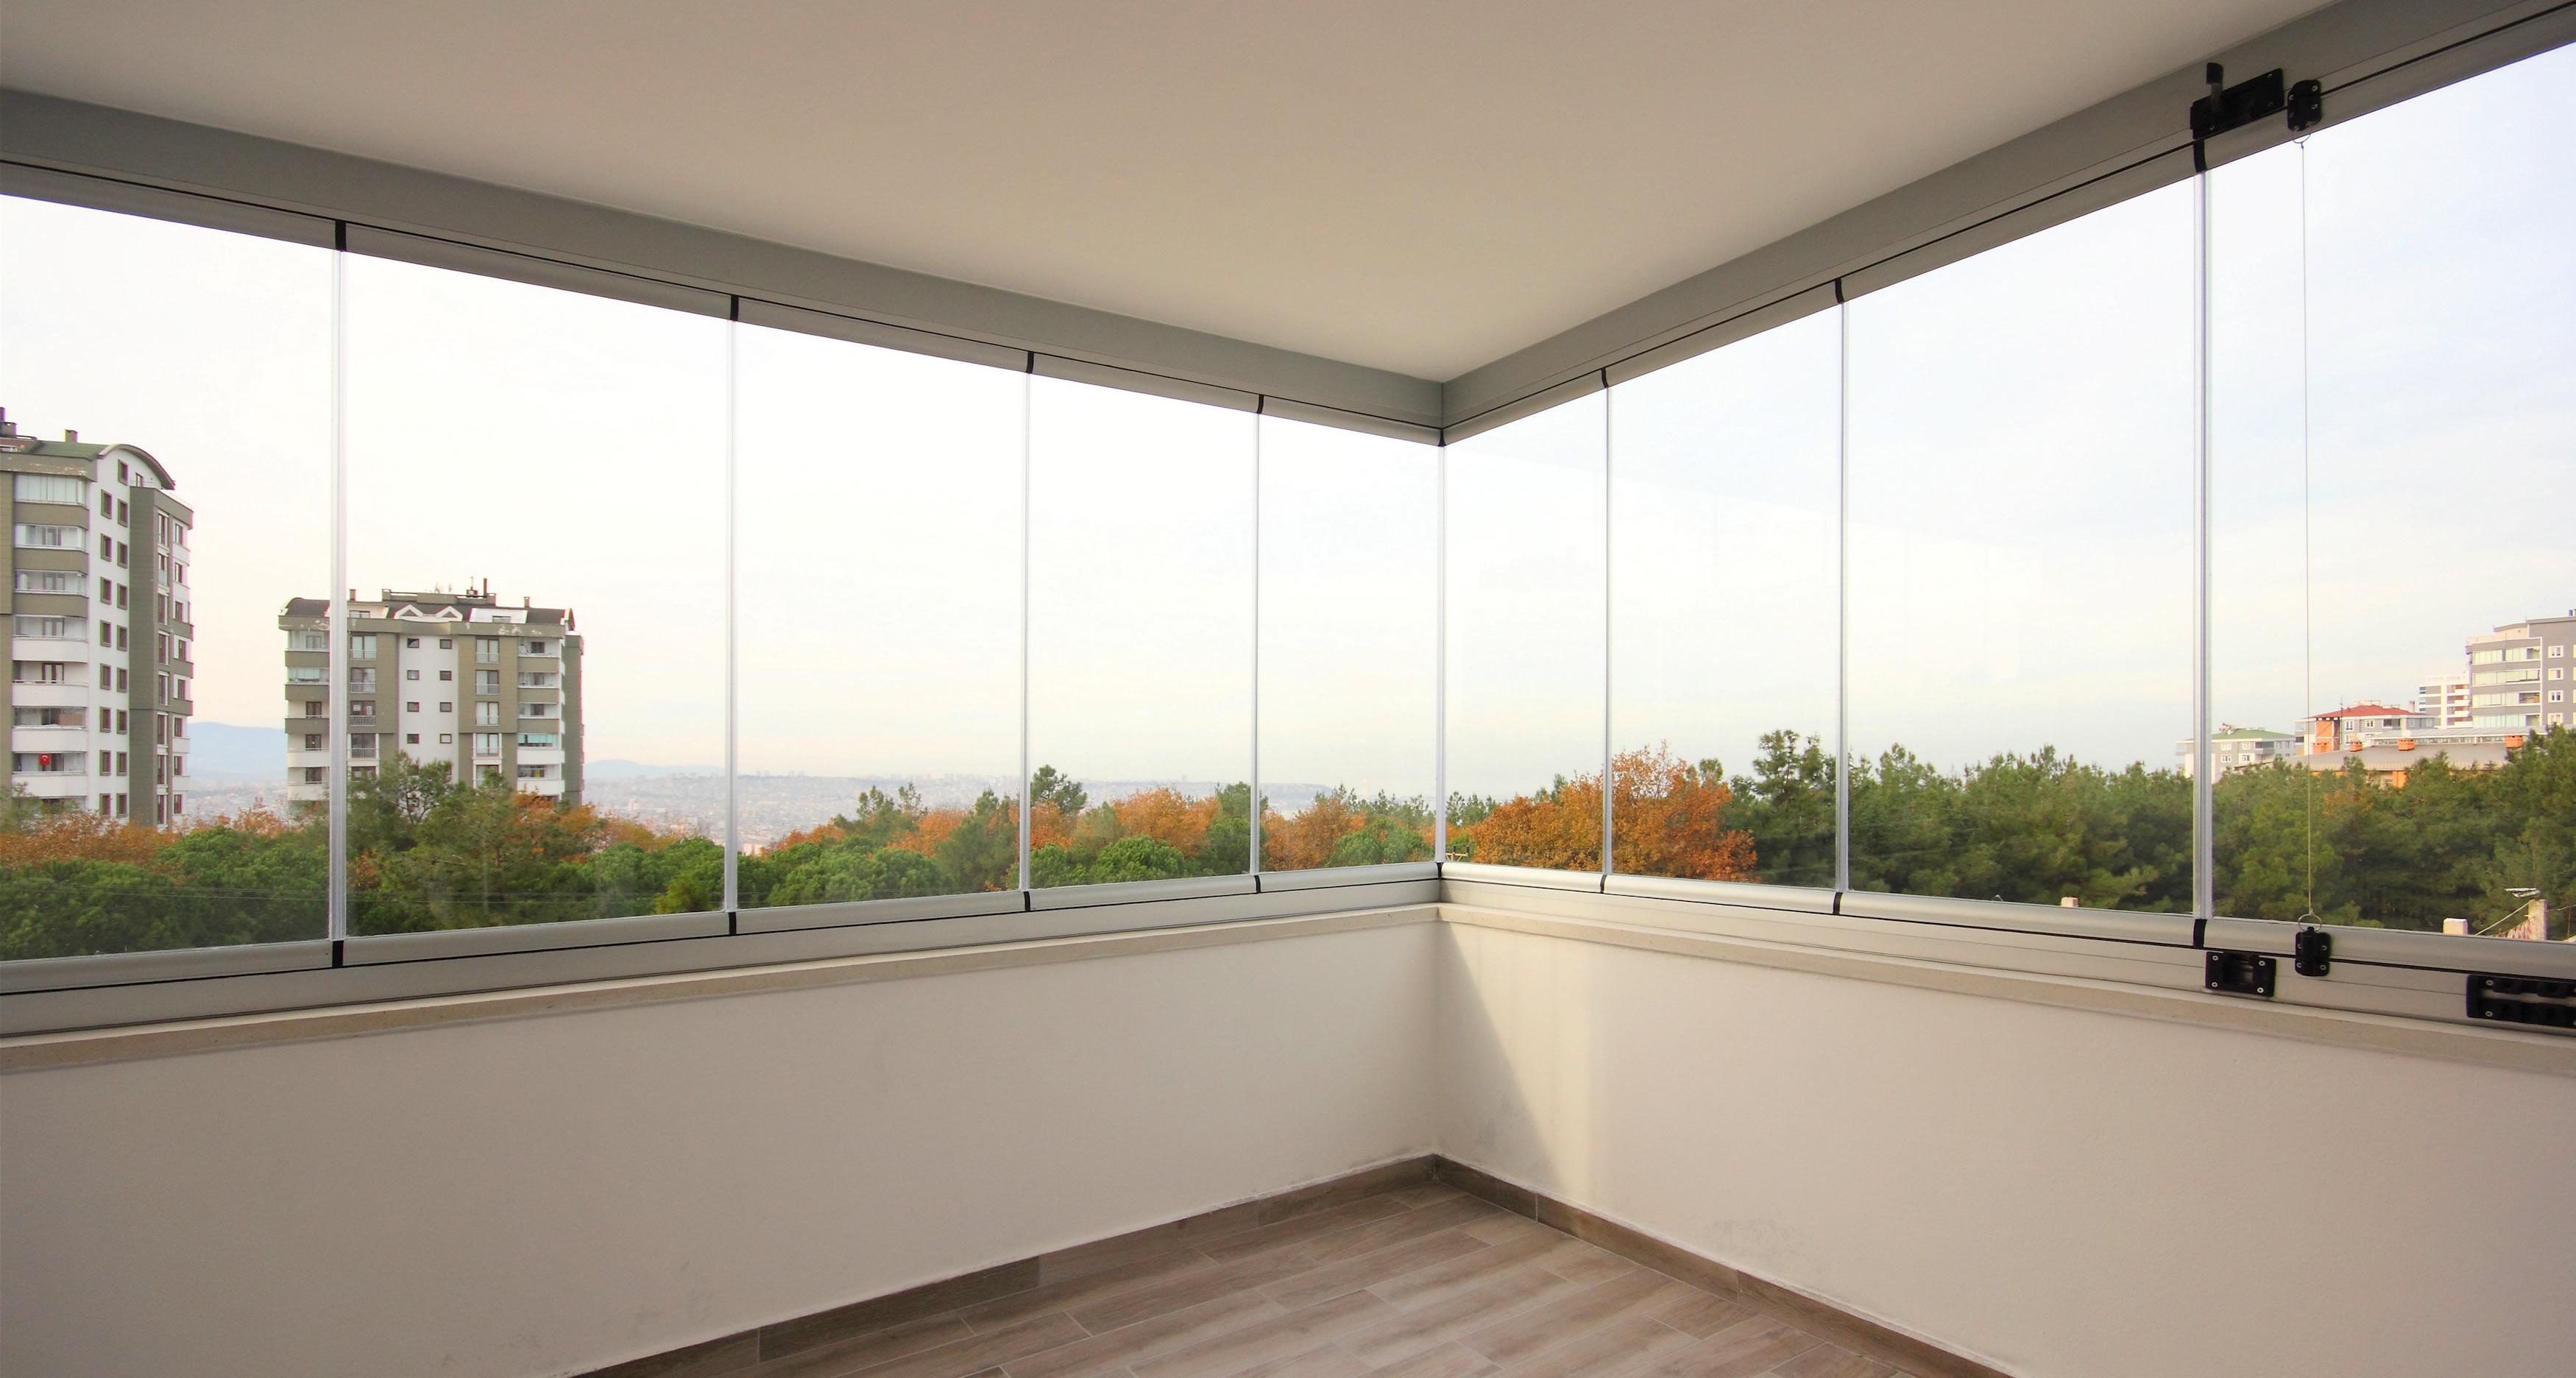 Katlanır Cam Balkon Sistemleri ve Avantajları